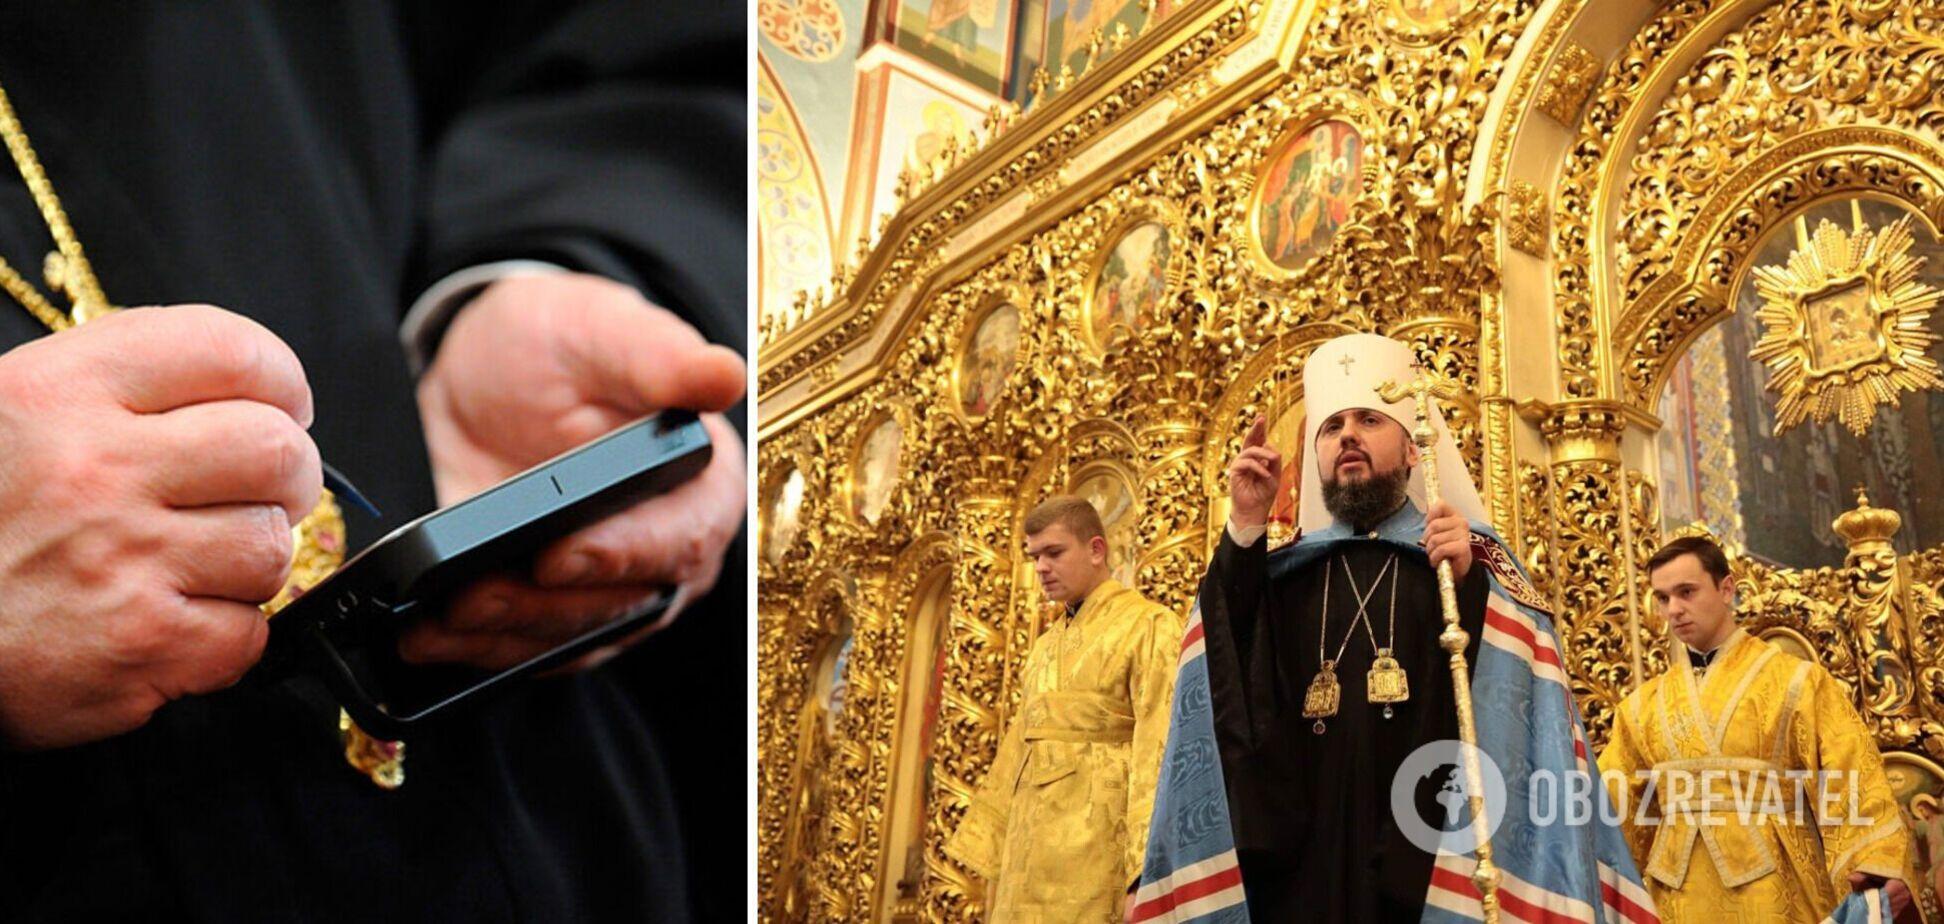 З молитвами та чатом зі священниками: ПЦУ запустила мобільний додаток. Фото